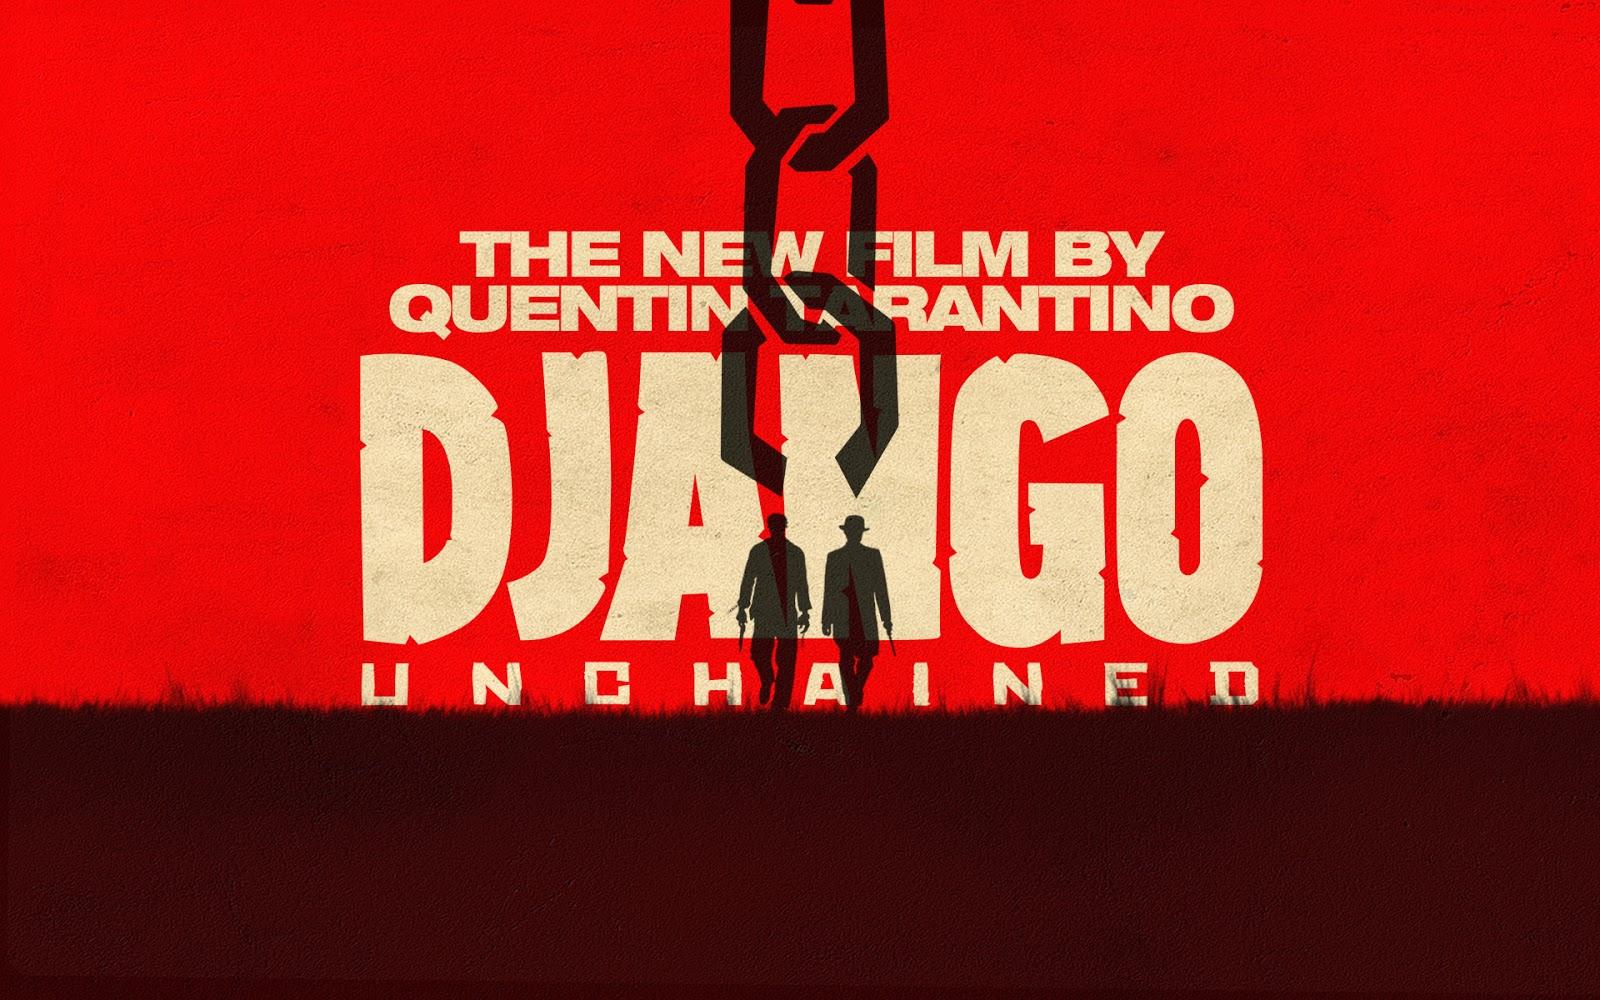 http://3.bp.blogspot.com/-xfya_UBd-xE/UNR7sa6S3TI/AAAAAAAAQU4/pYQfOiviKWo/s1600/Django-Unchained-wallpapers-1920x1200-2.jpg